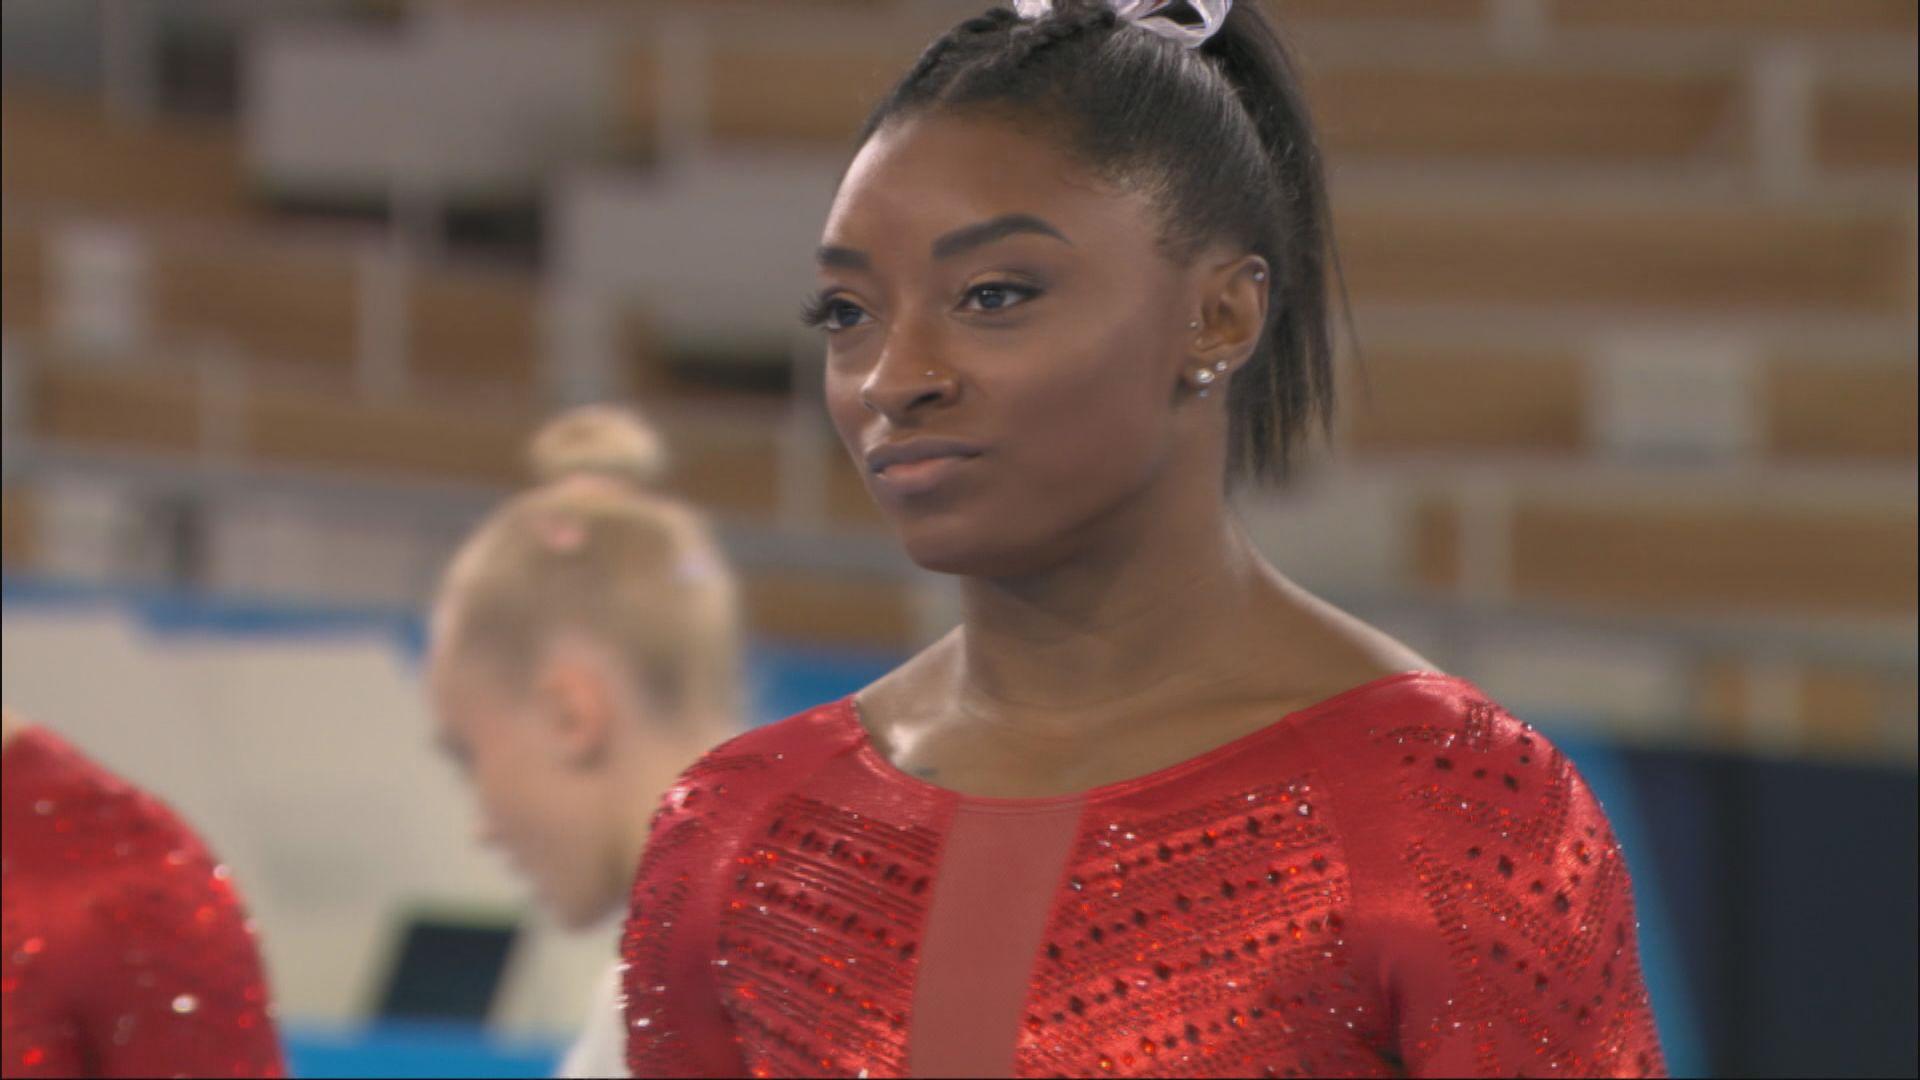 美體操選手拜爾絲再退出跳馬及高低槓比賽